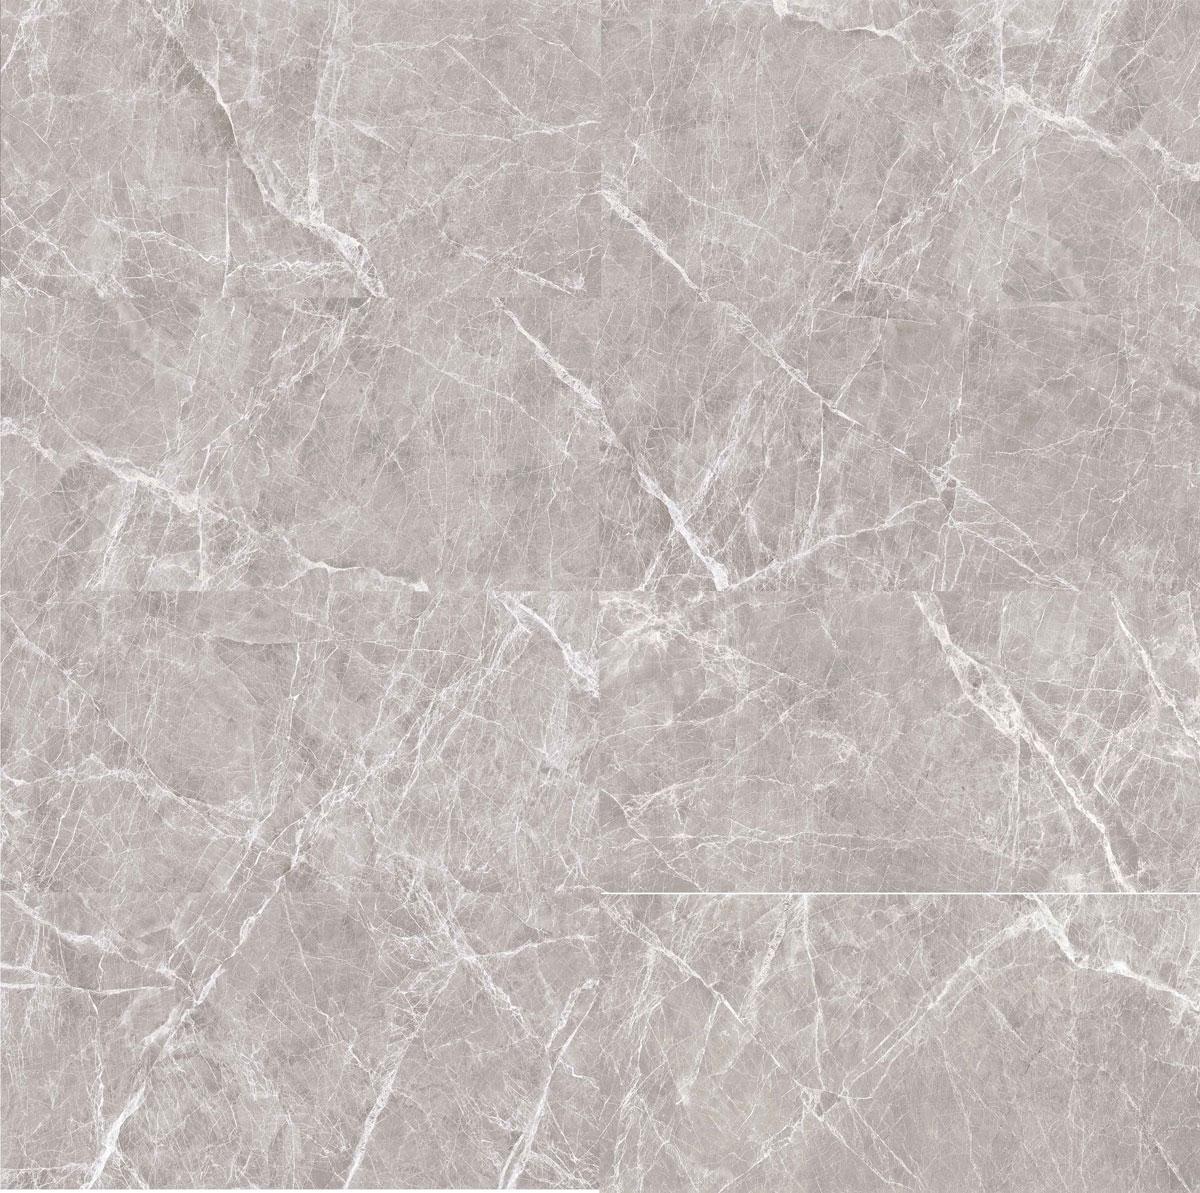 baldosas de mármol gris oscuro